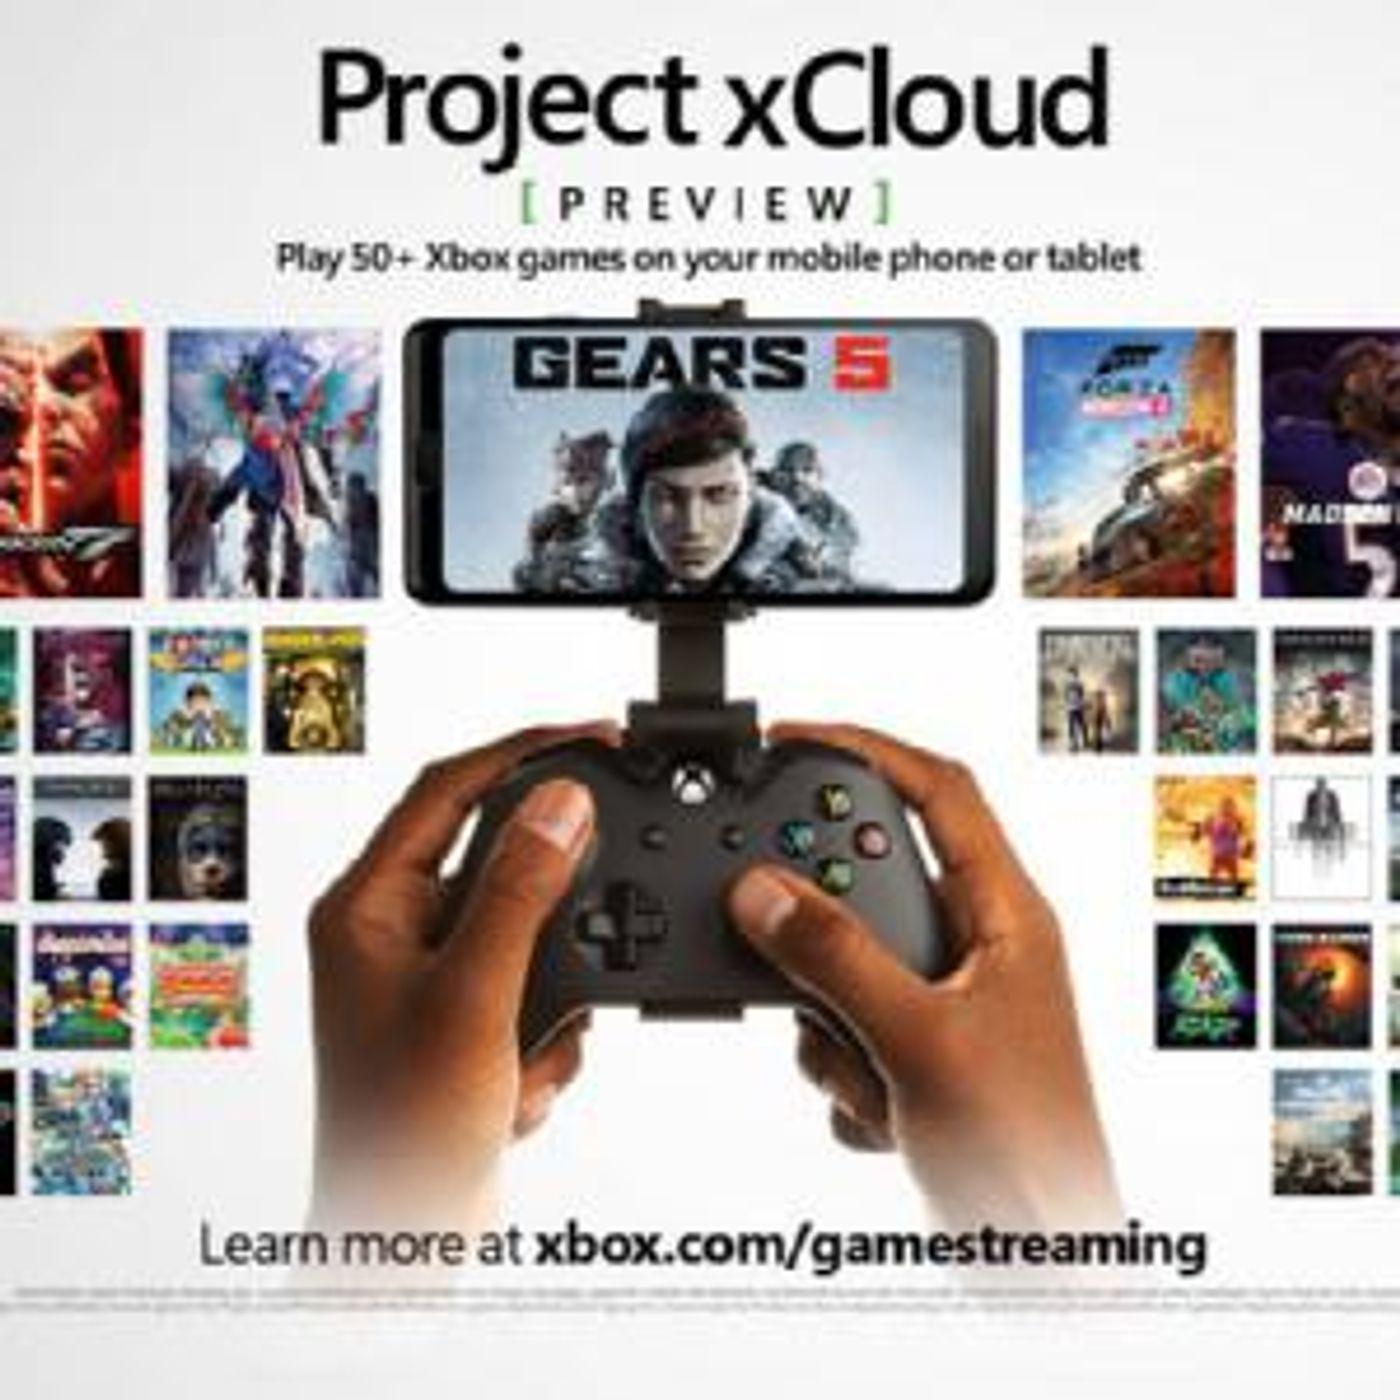 Ya puedes jugar juegos de Xbox sin una consola en cualquier dispositivo! Cloud Gaming